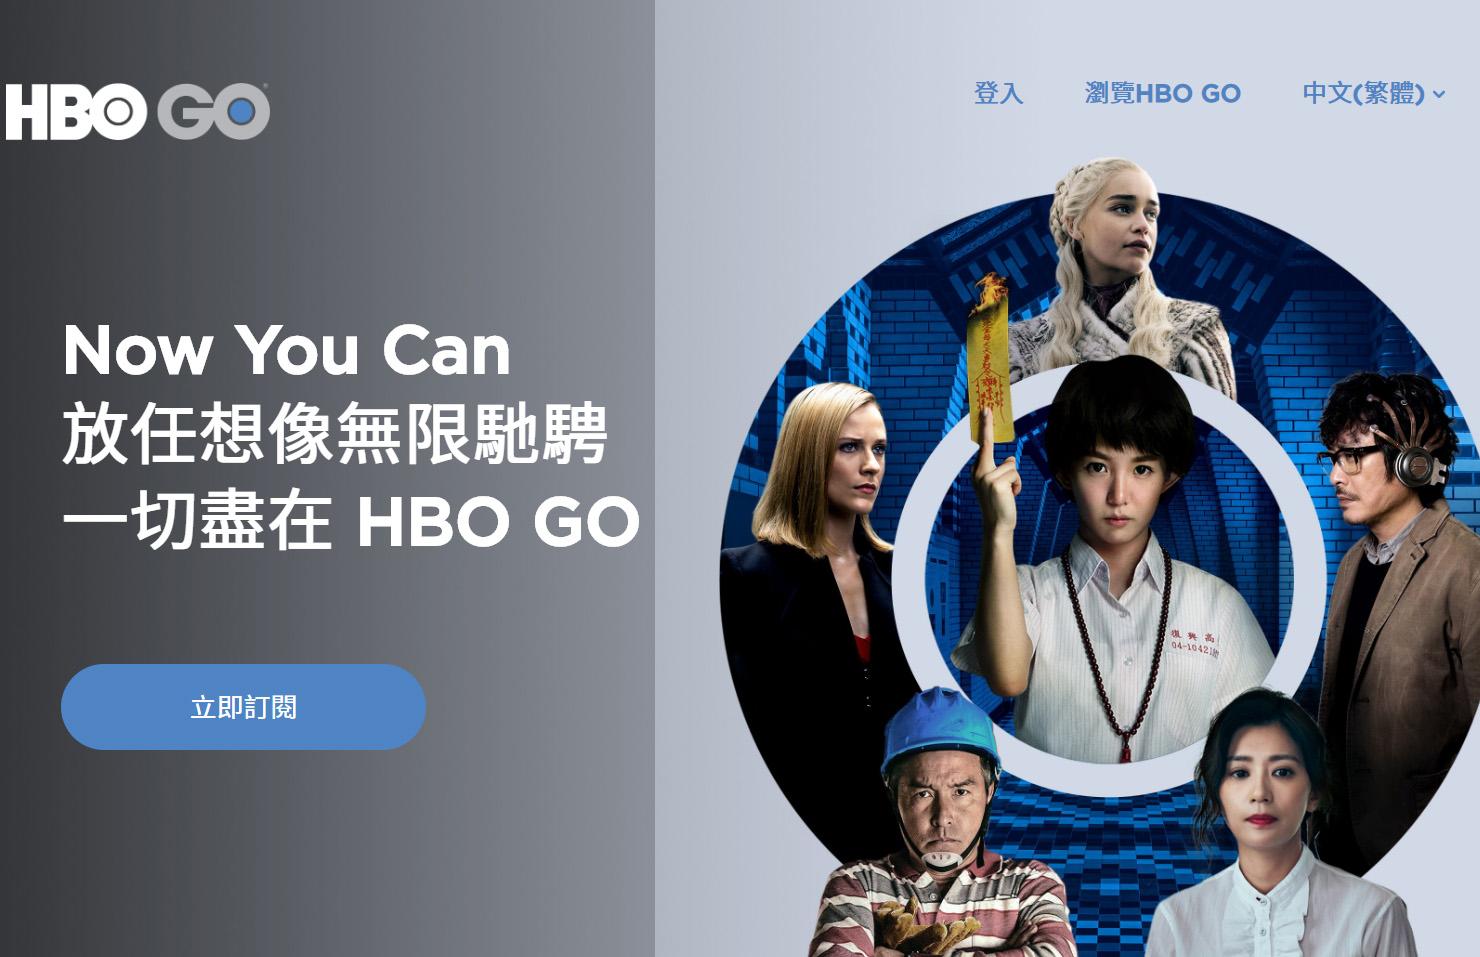 HBO GO 冰與火之歌、通靈少女、做工的人免費看一個月